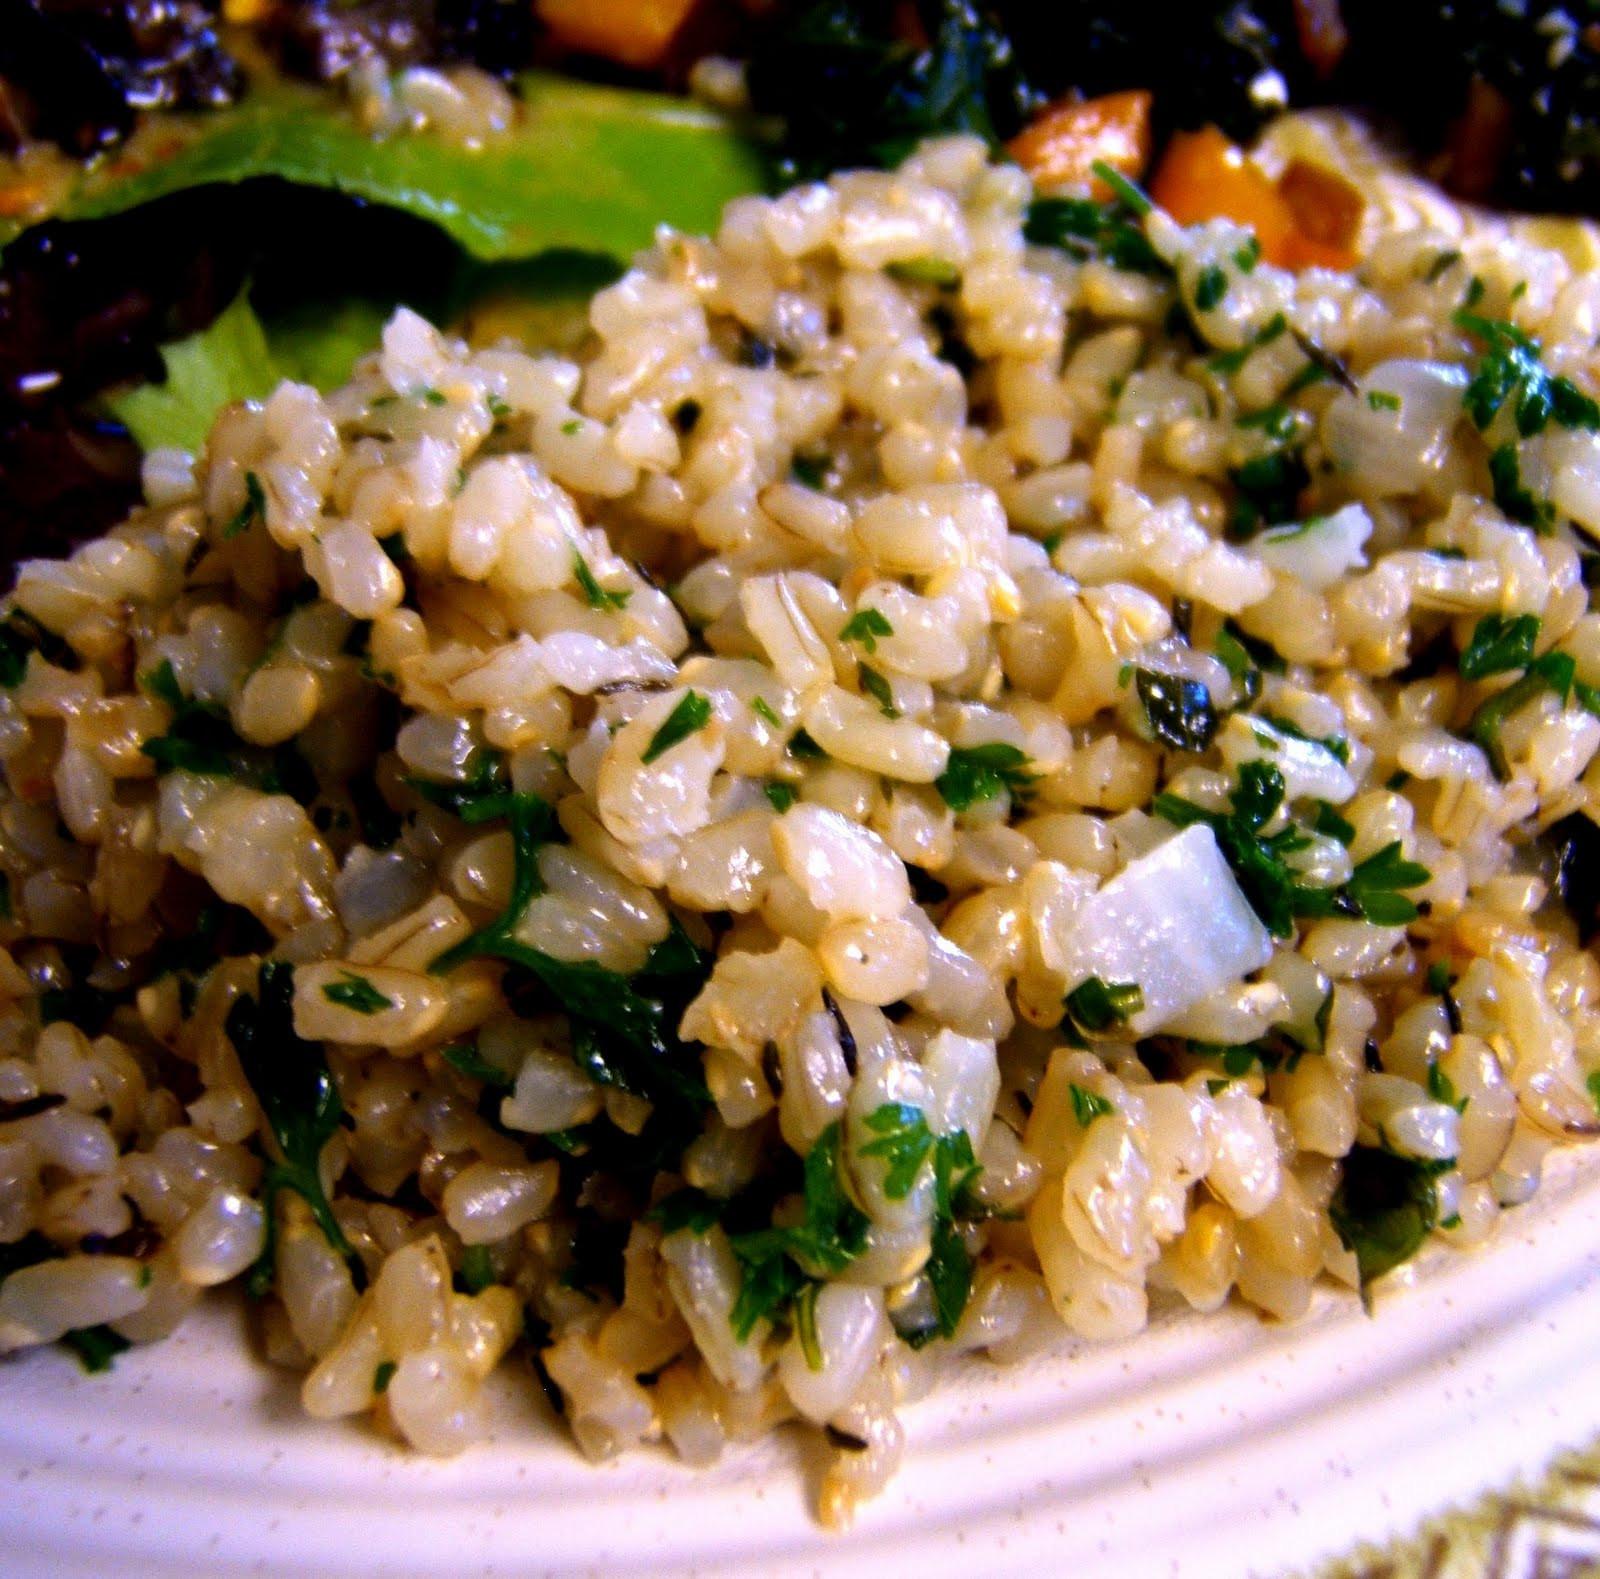 Cooking Short Grain Brown Rice  Julia s Vegan Kitchen Herbed Short Grain Brown Rice